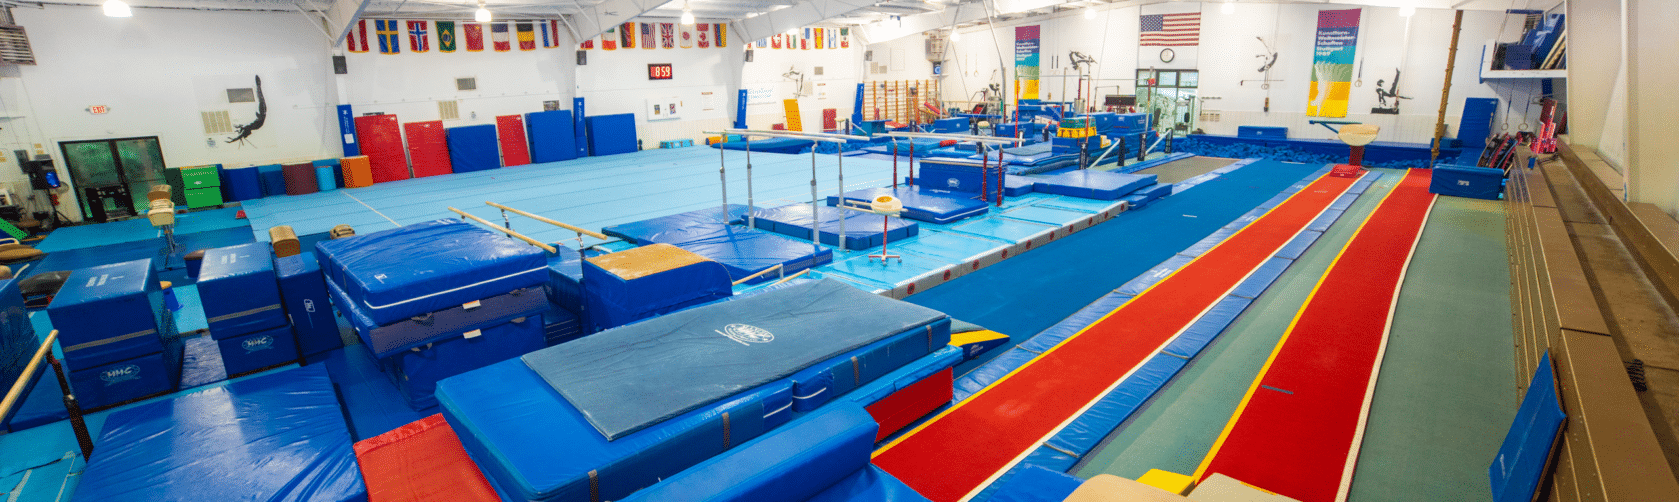 Gymnasium with mats